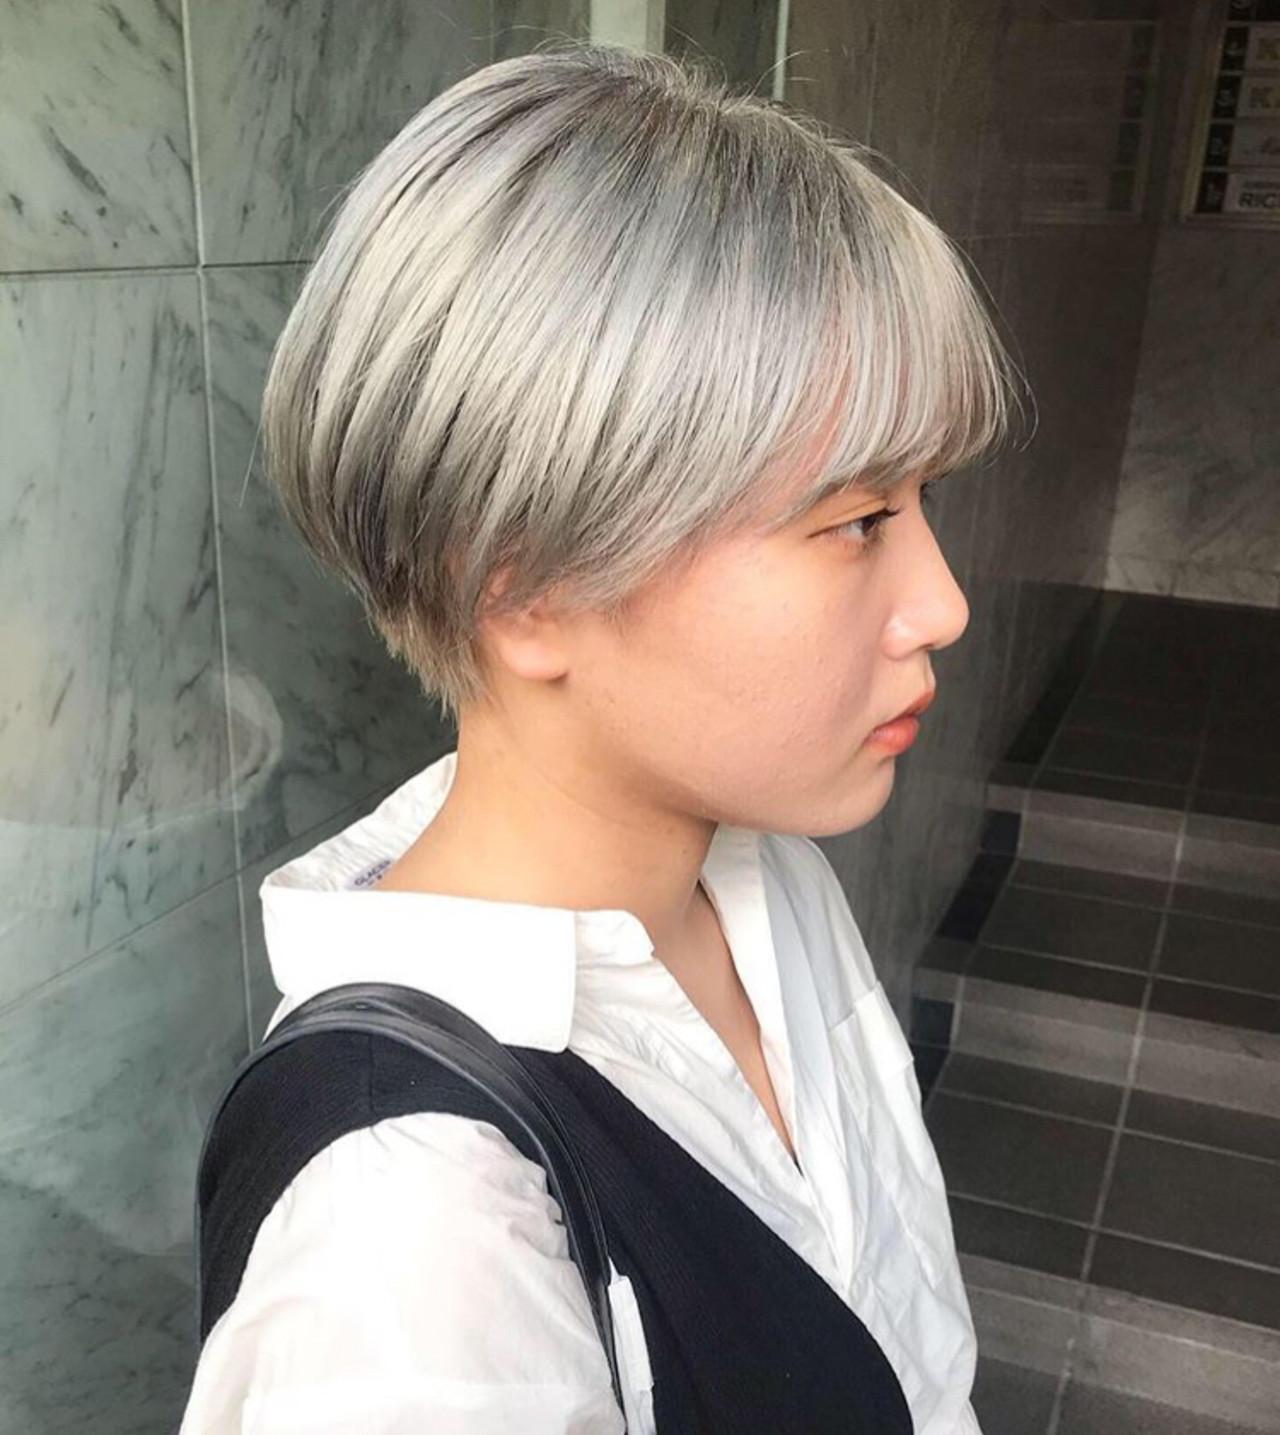 透明感カラー 外国人風カラー カジュアル ストリート ヘアスタイルや髪型の写真・画像